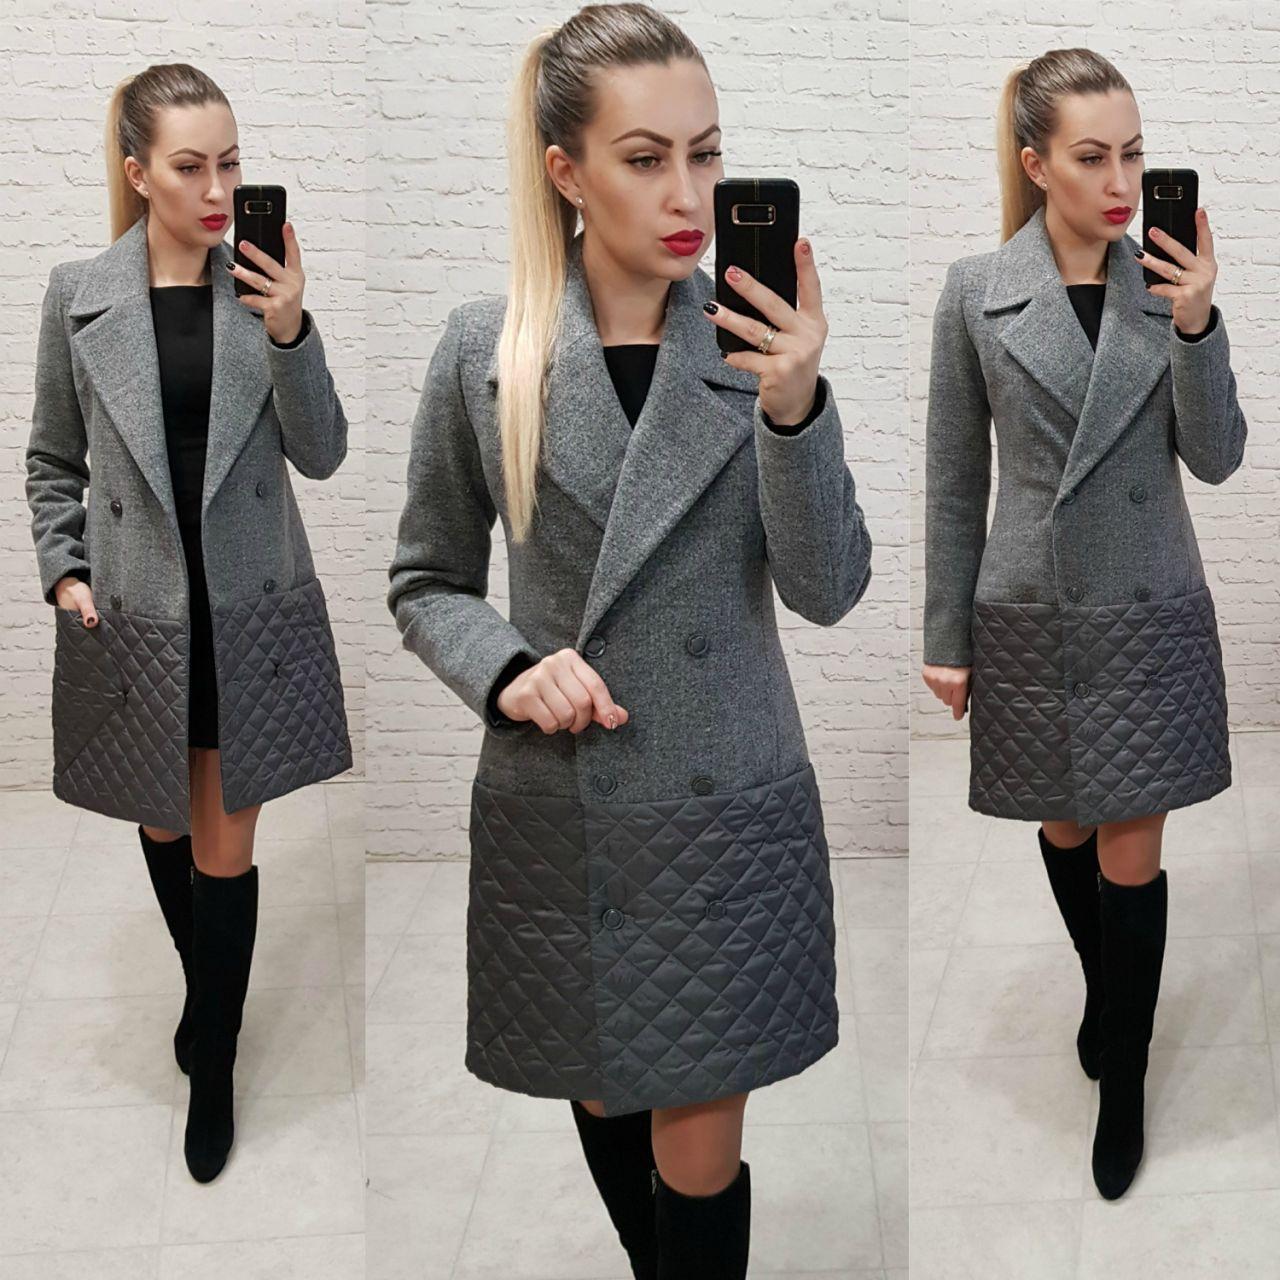 Пальто promod шерсть нове. ціна в магазині 4999 грн Promod, цена ... | 1280x1280